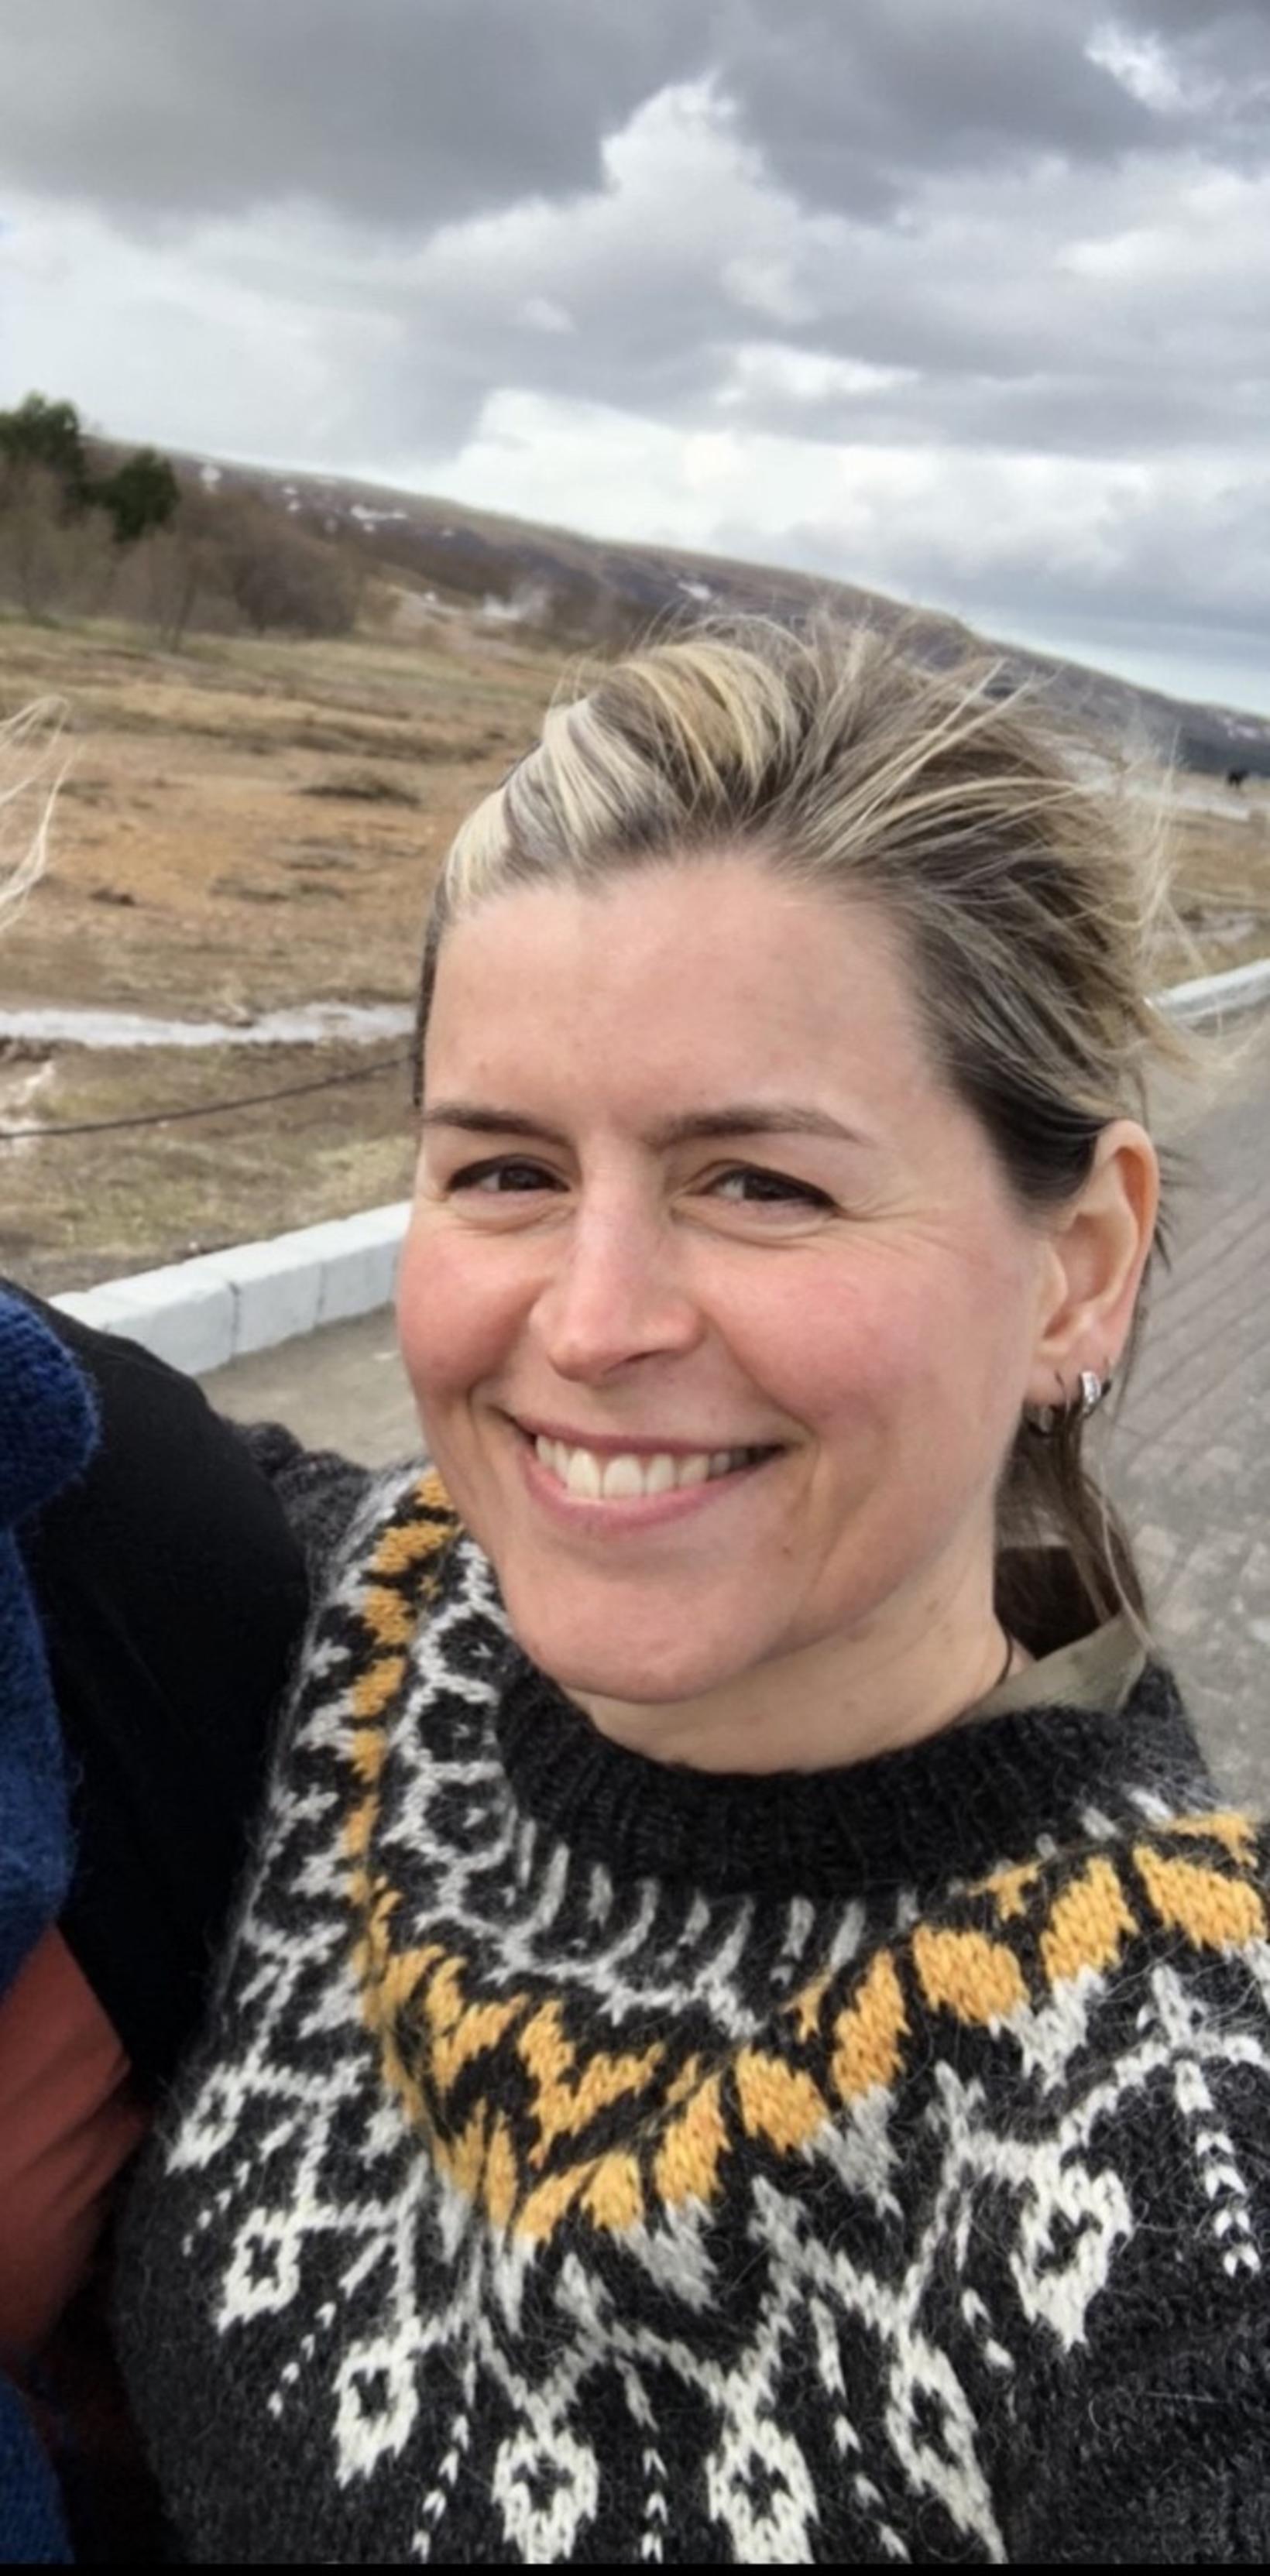 Heiðrún Erla Guðbjörnsdóttir.